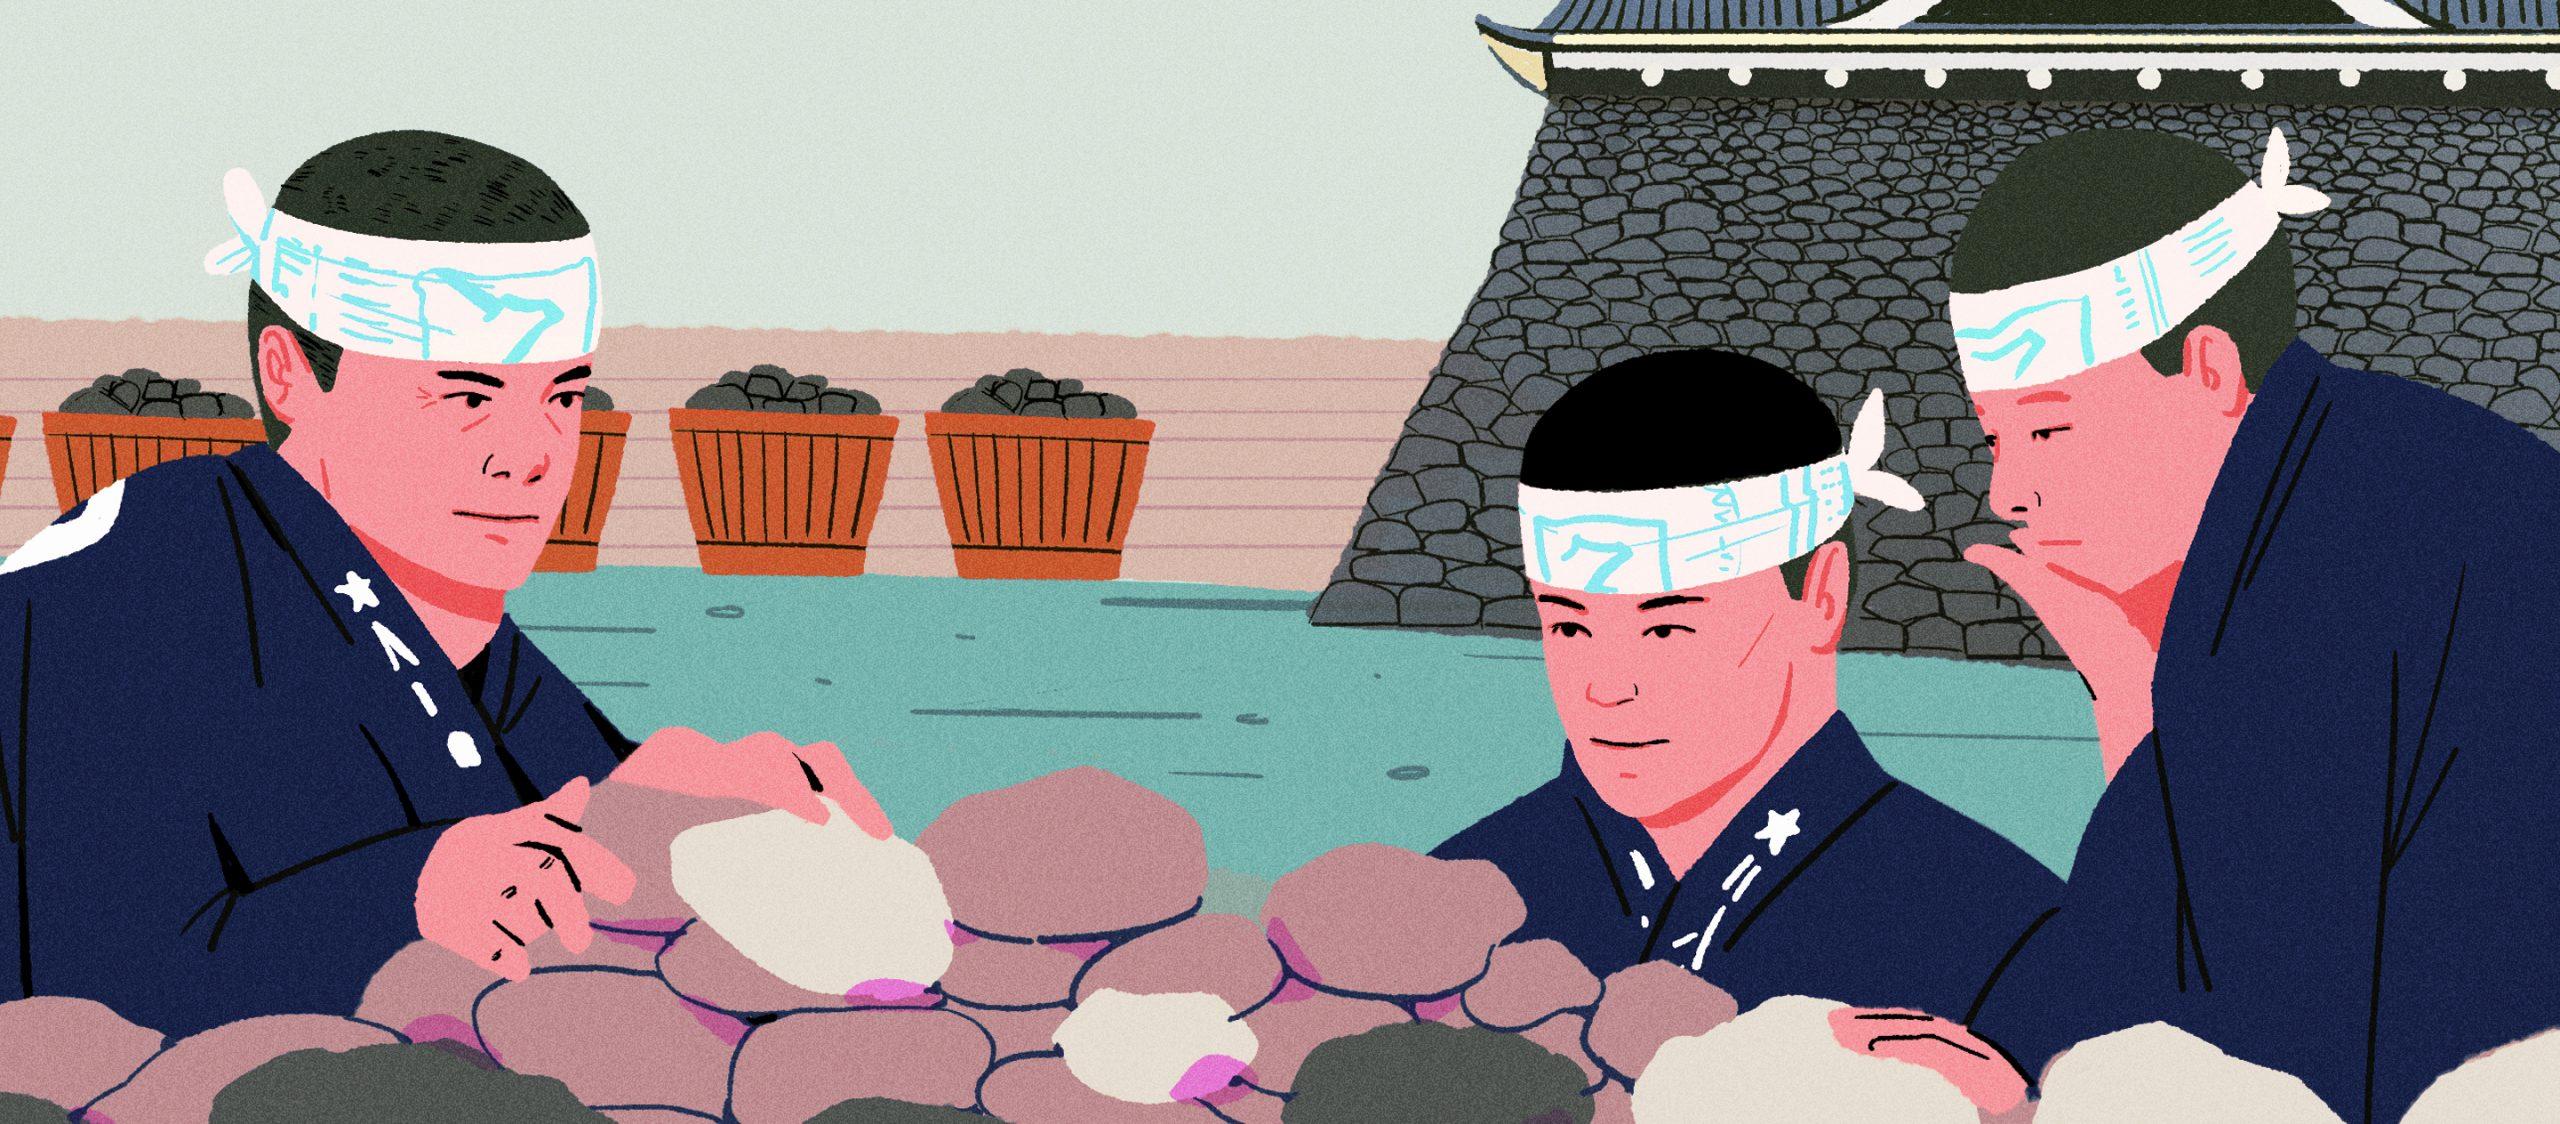 งานหิน Ishi-tsumi ศาสตร์การเรียงหินสุดคราฟต์ของญี่ปุ่นที่ต้องรู้หน้าและรู้ใจหิน